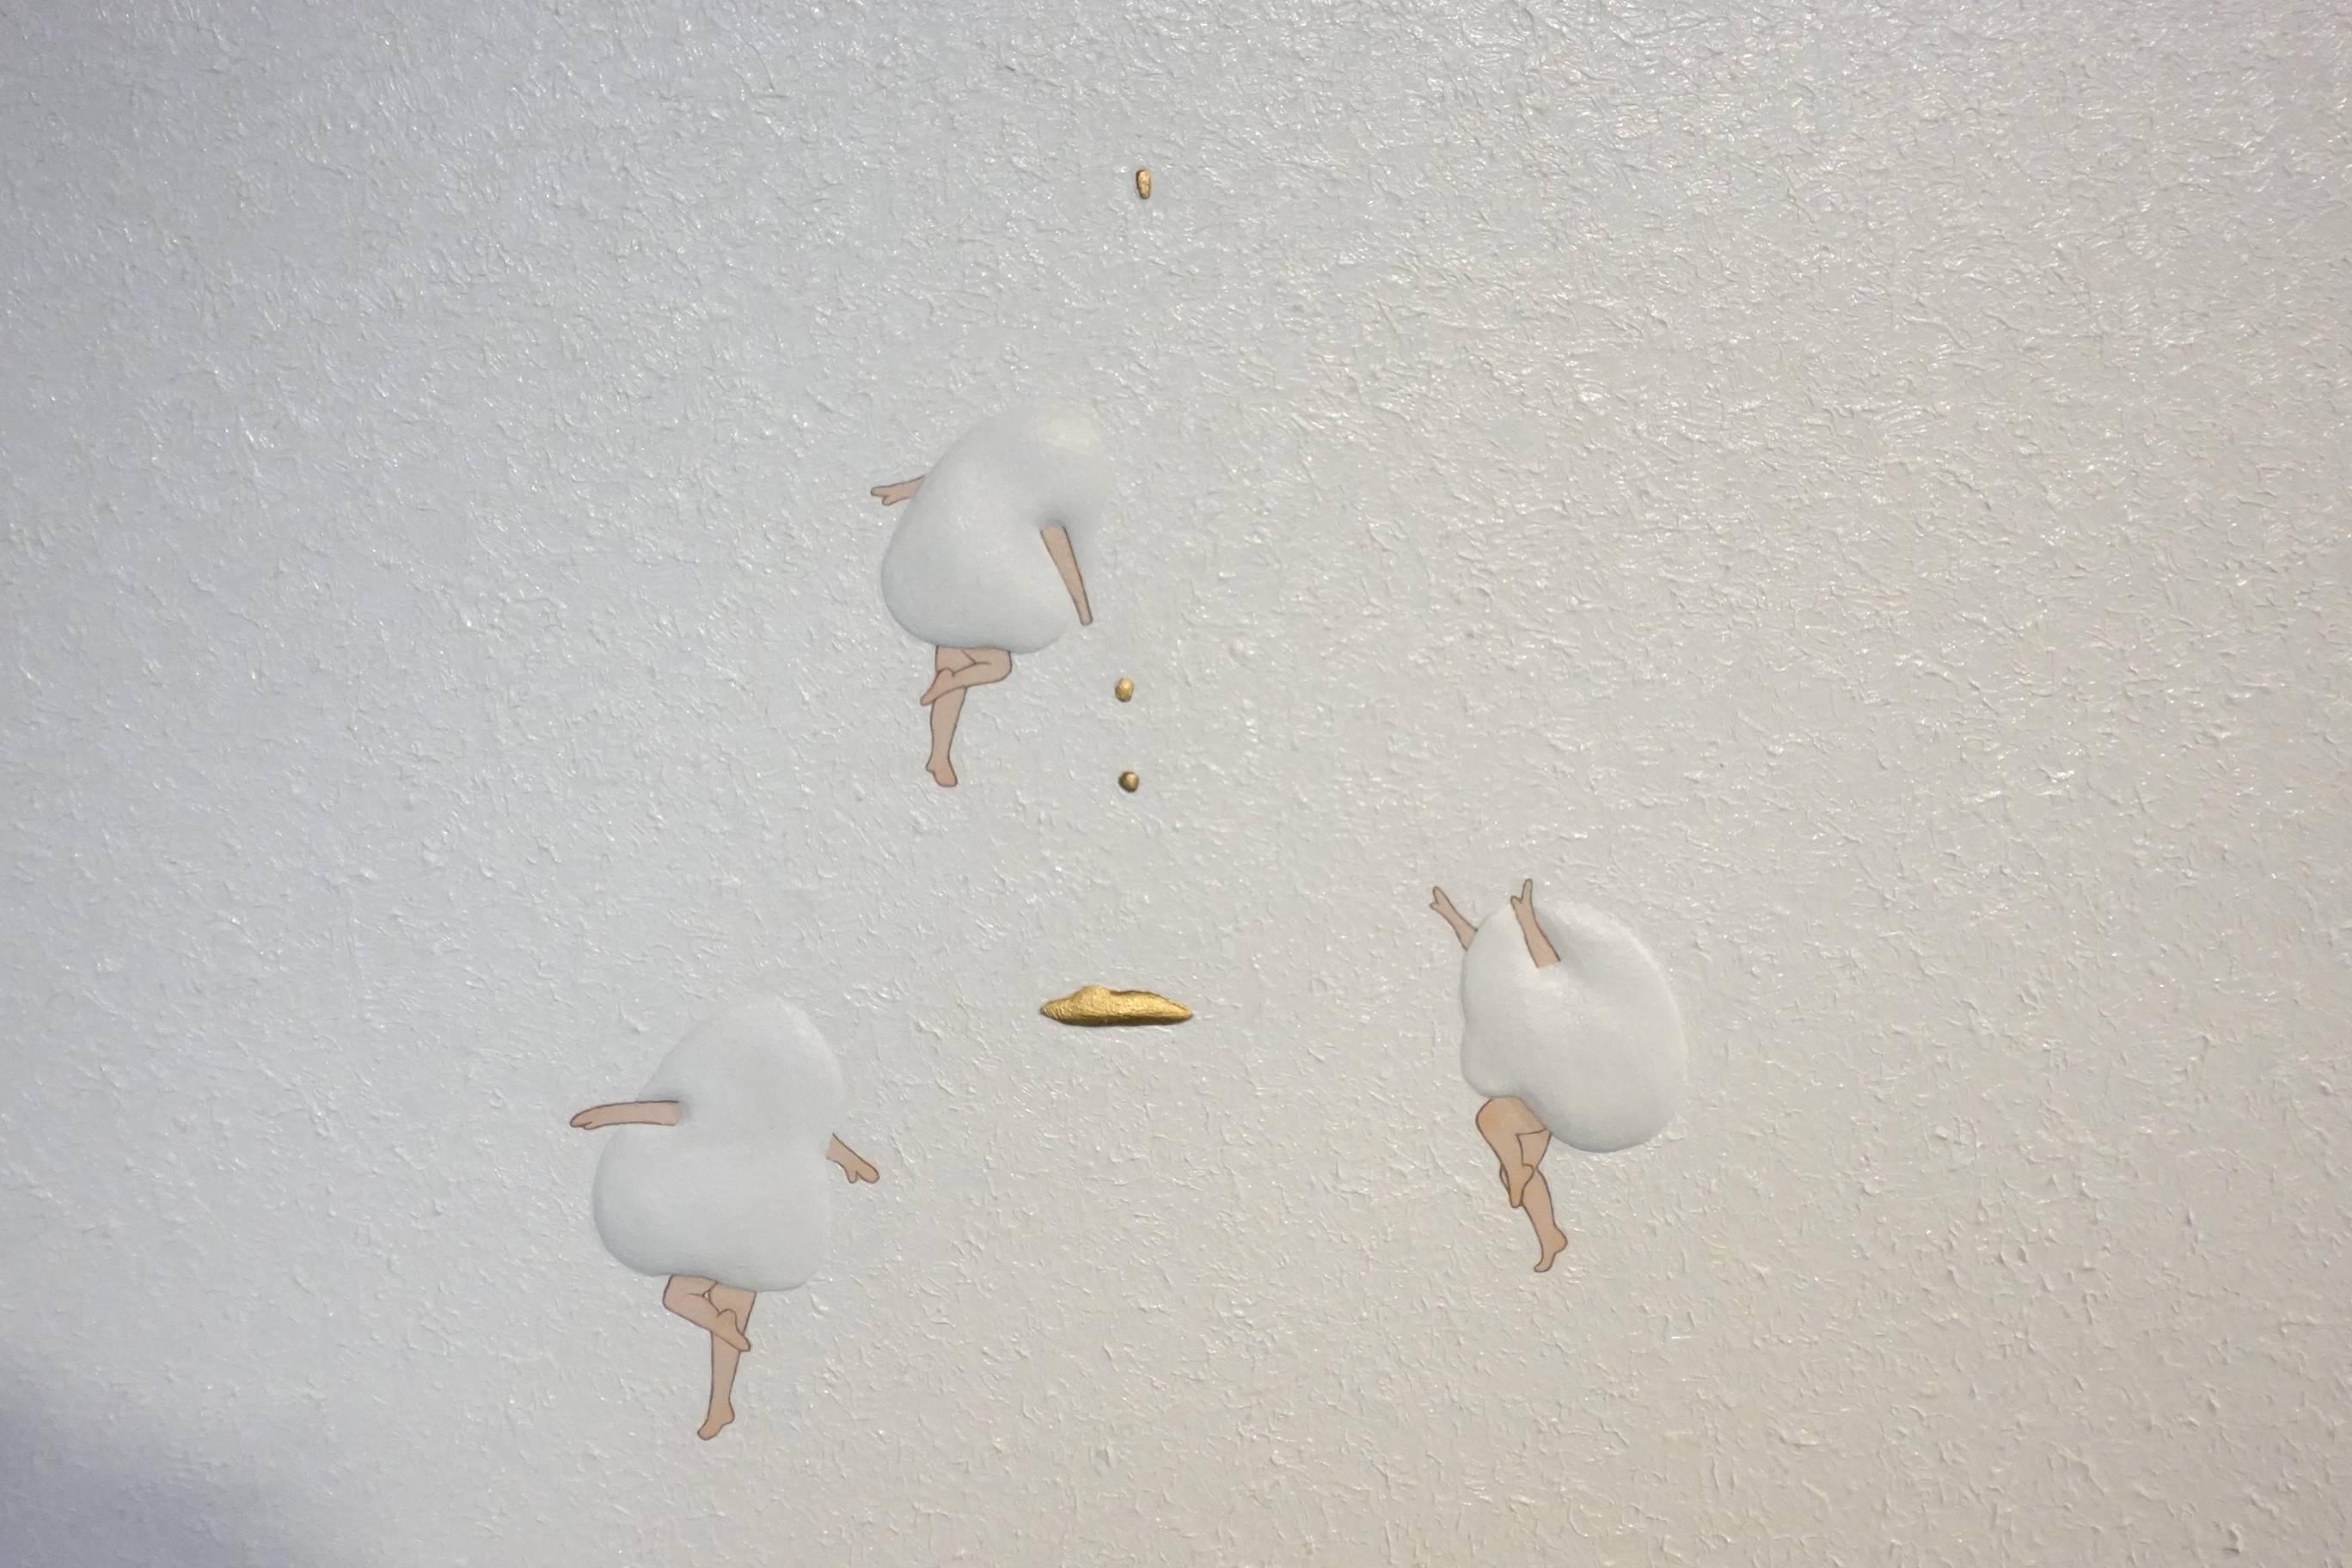 小澤香奈子作品《那天我打翻碎掉的餅乾2》。